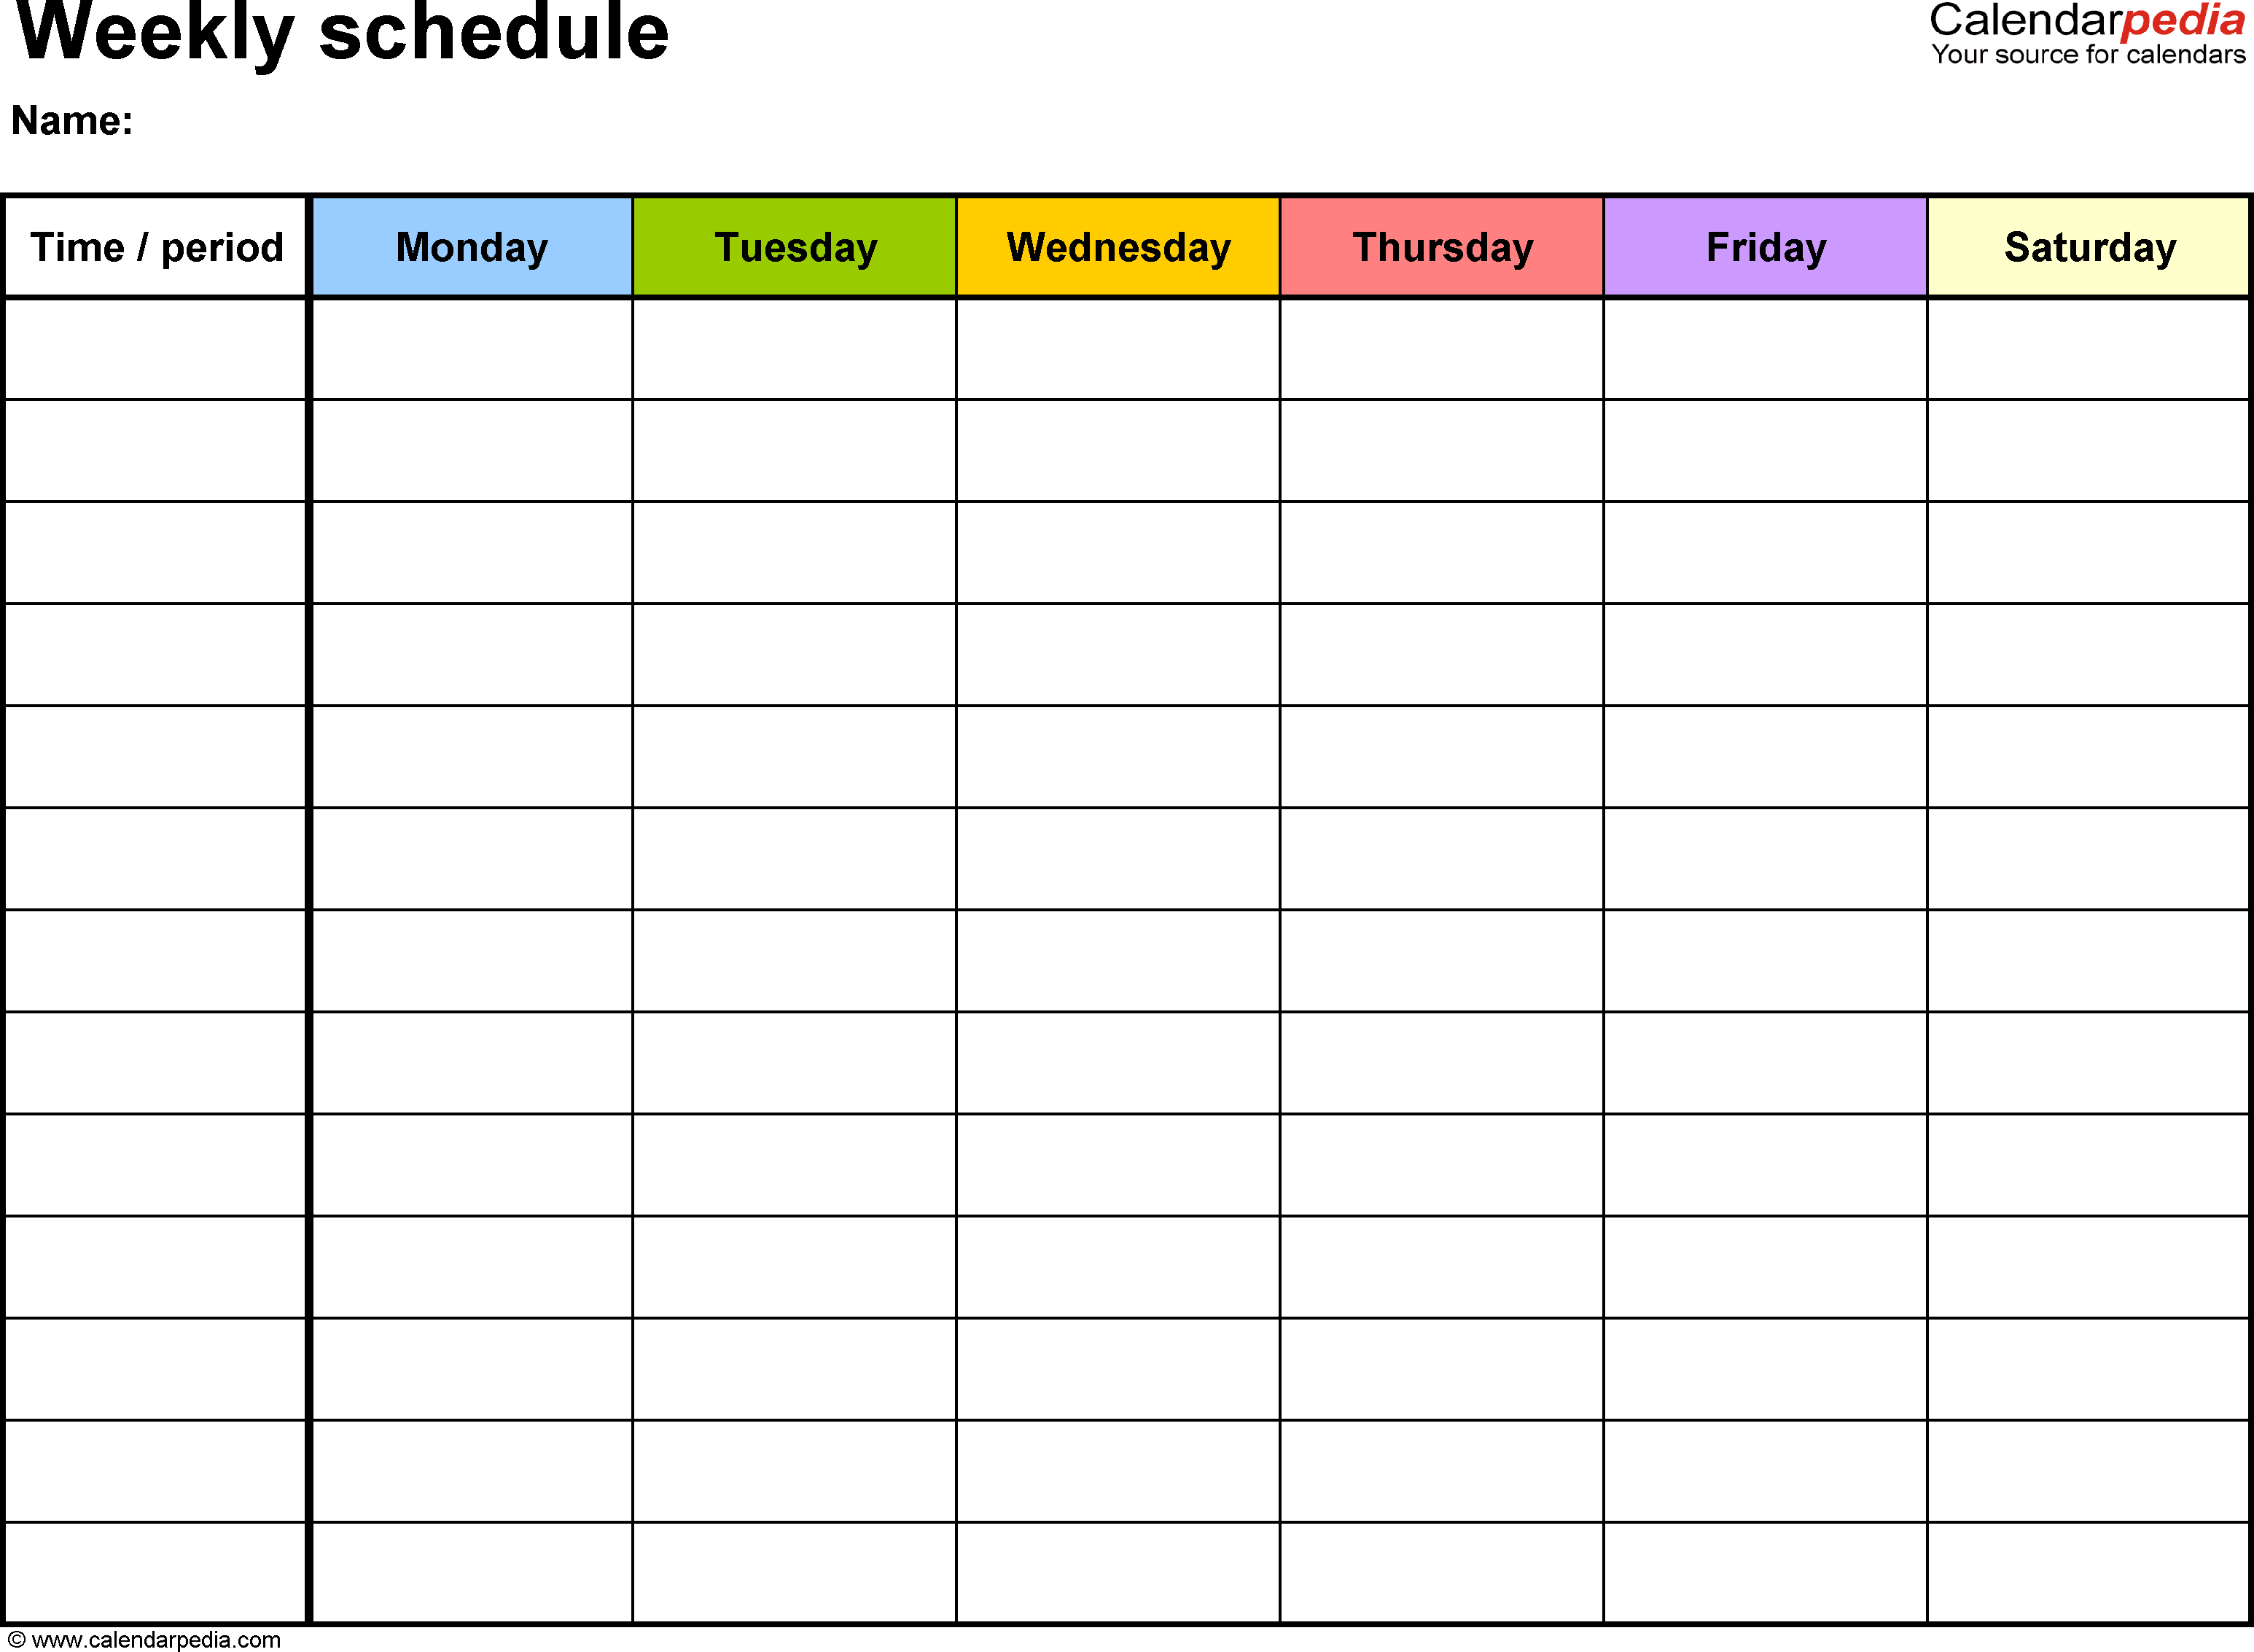 Calendar Week Template - Tunu.redmini.co